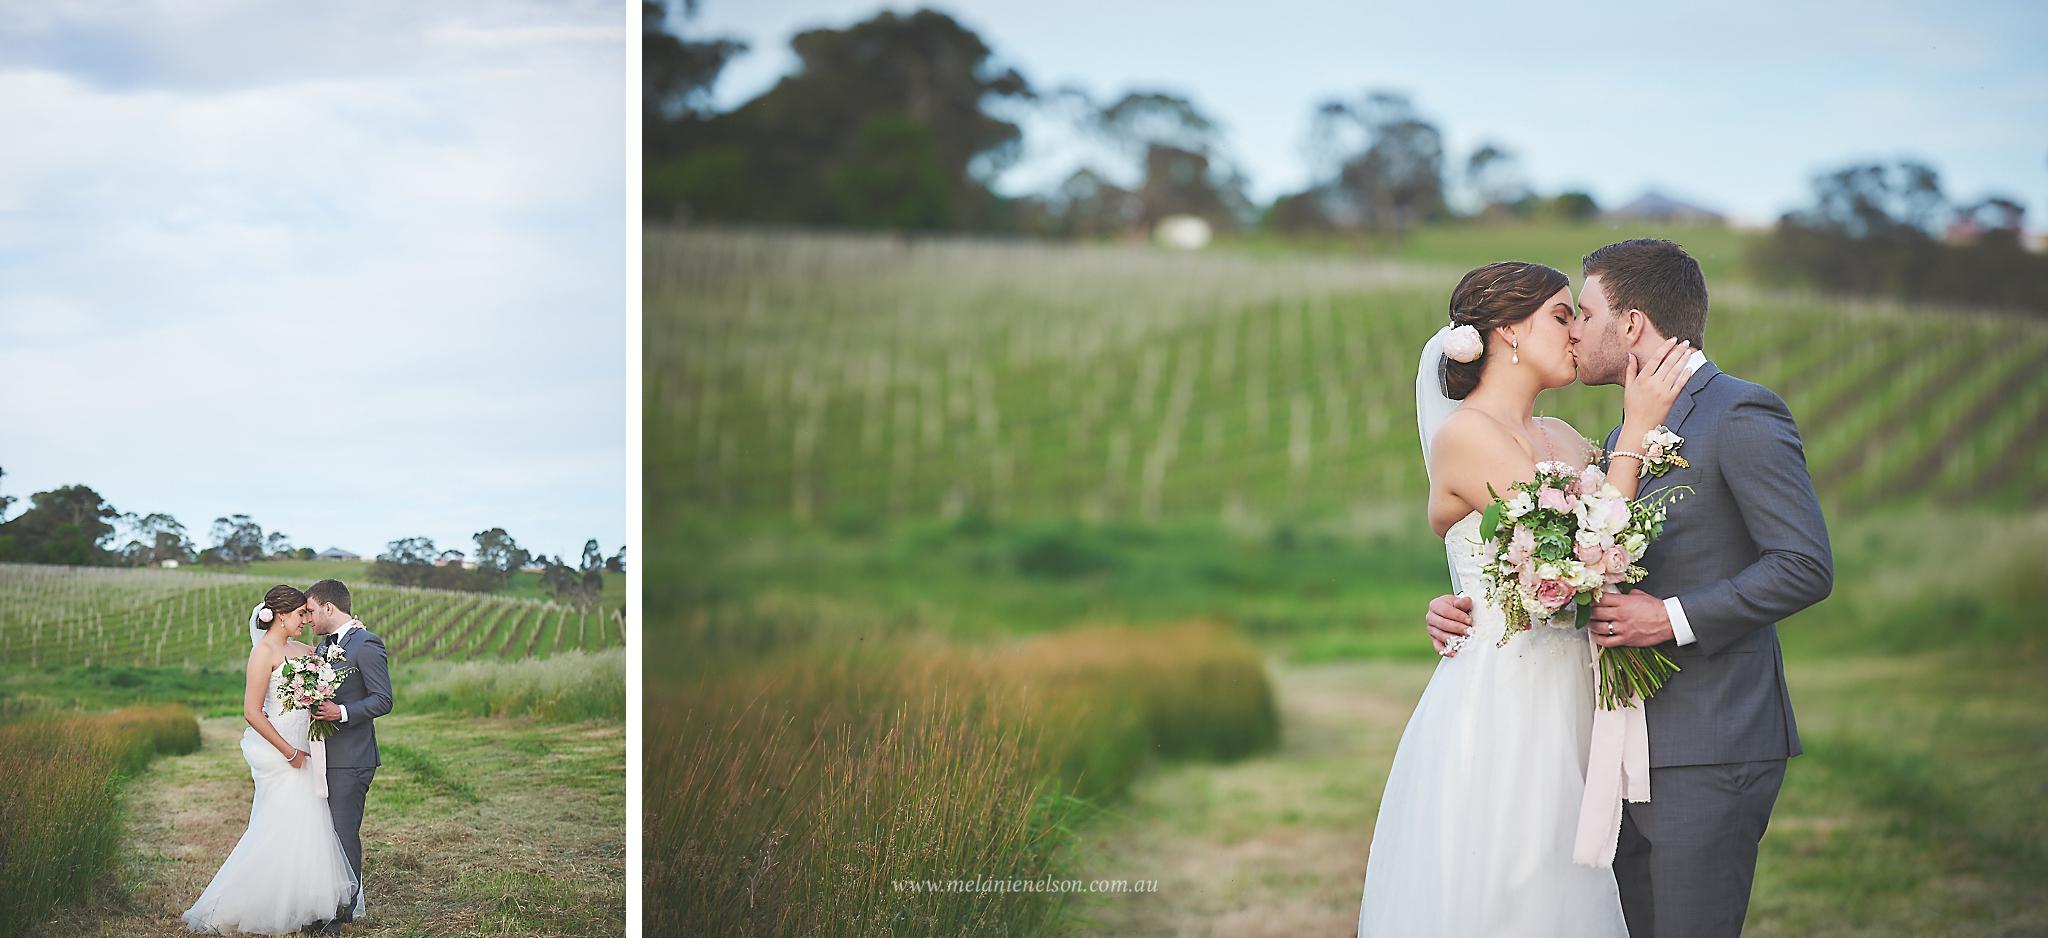 howards_vineyard_wedding_0026.jpg